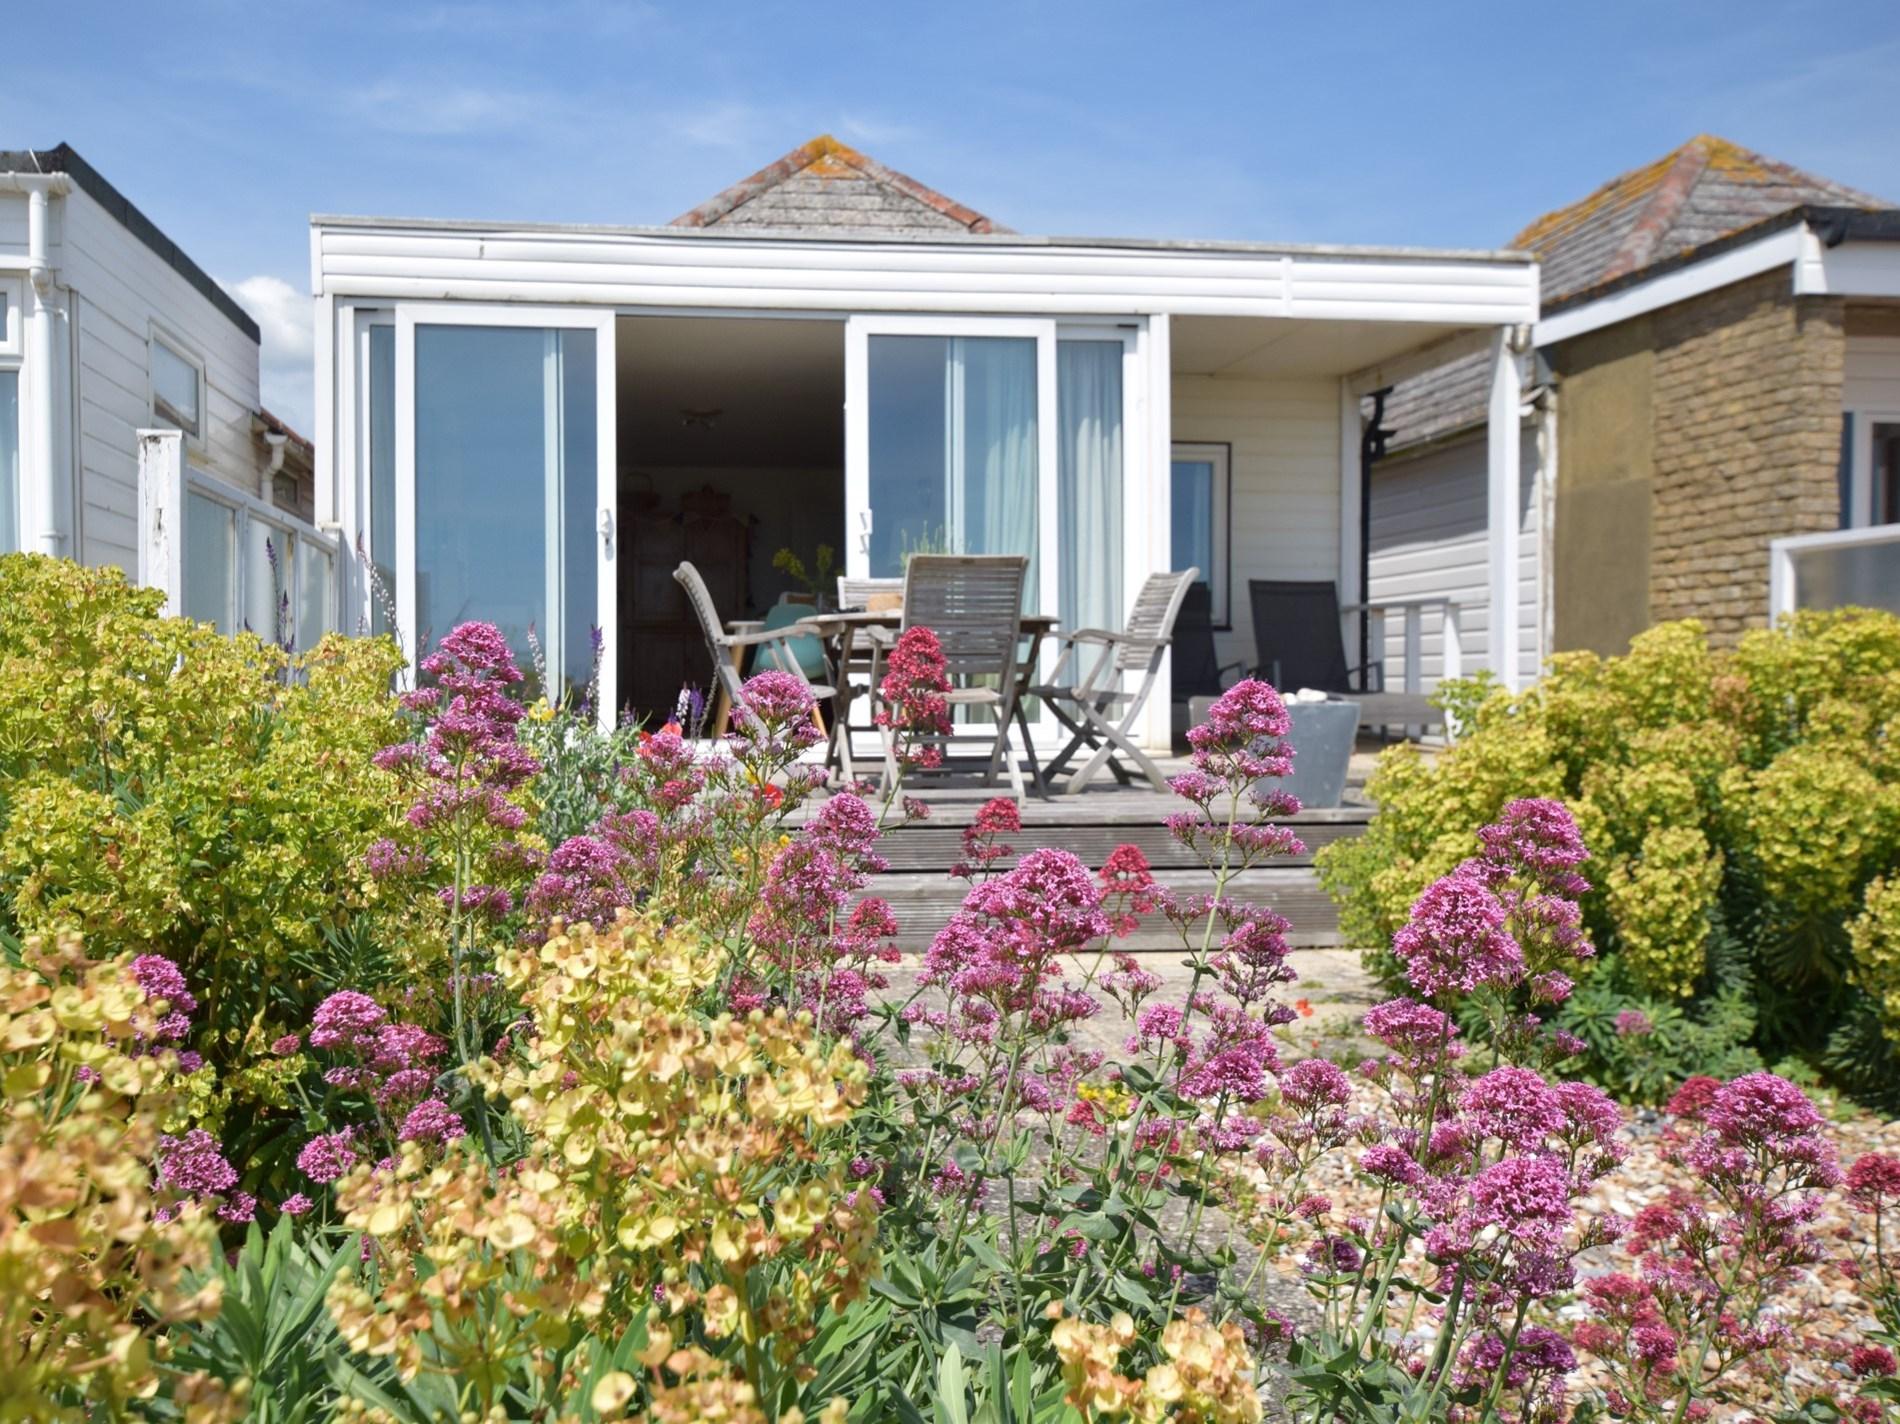 Ferienhaus in Pevensey-Bay